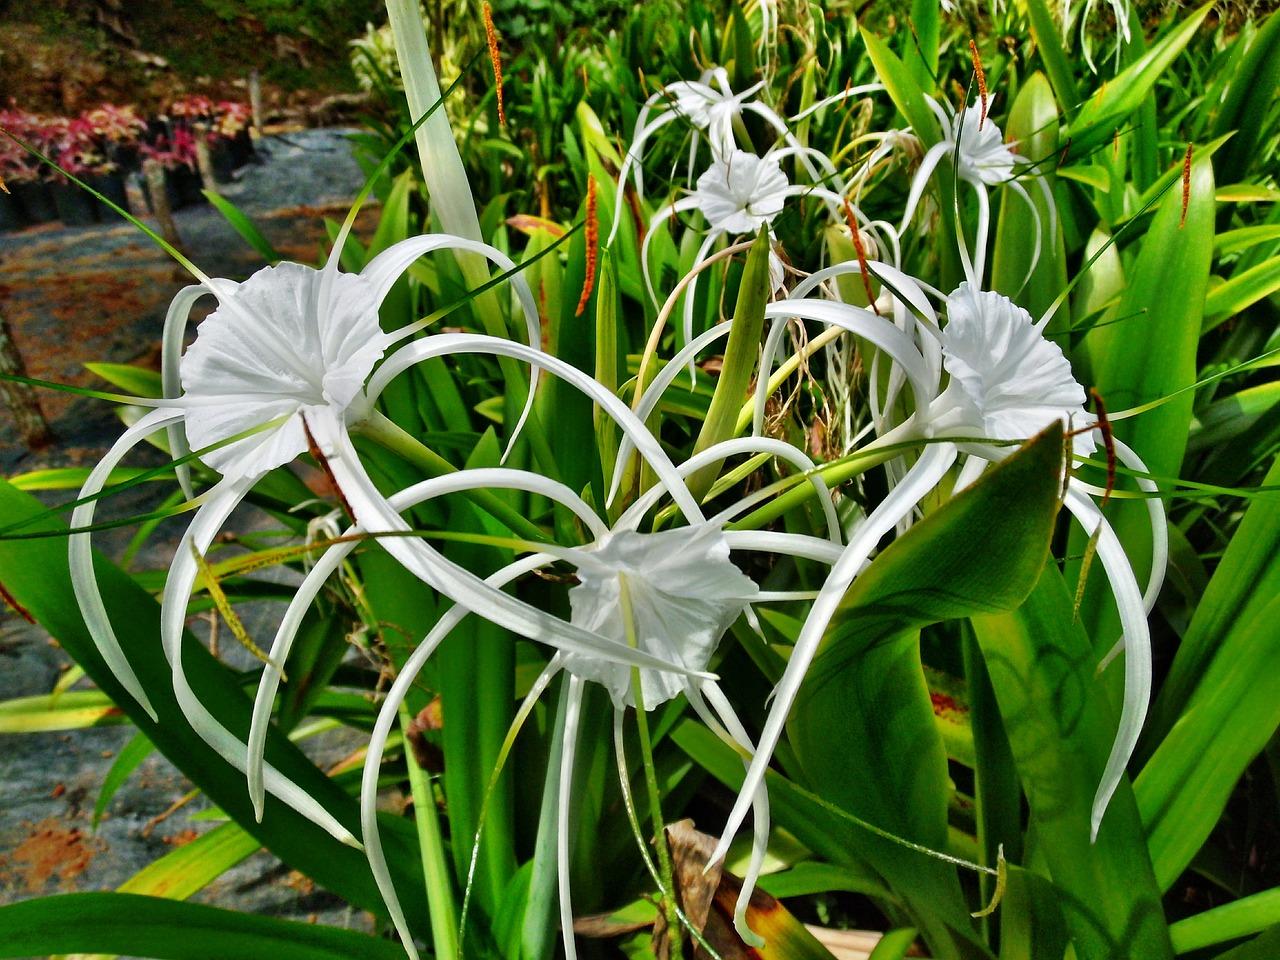 Spider Lilylilywhiteflowersplant Free Photo From Needpix